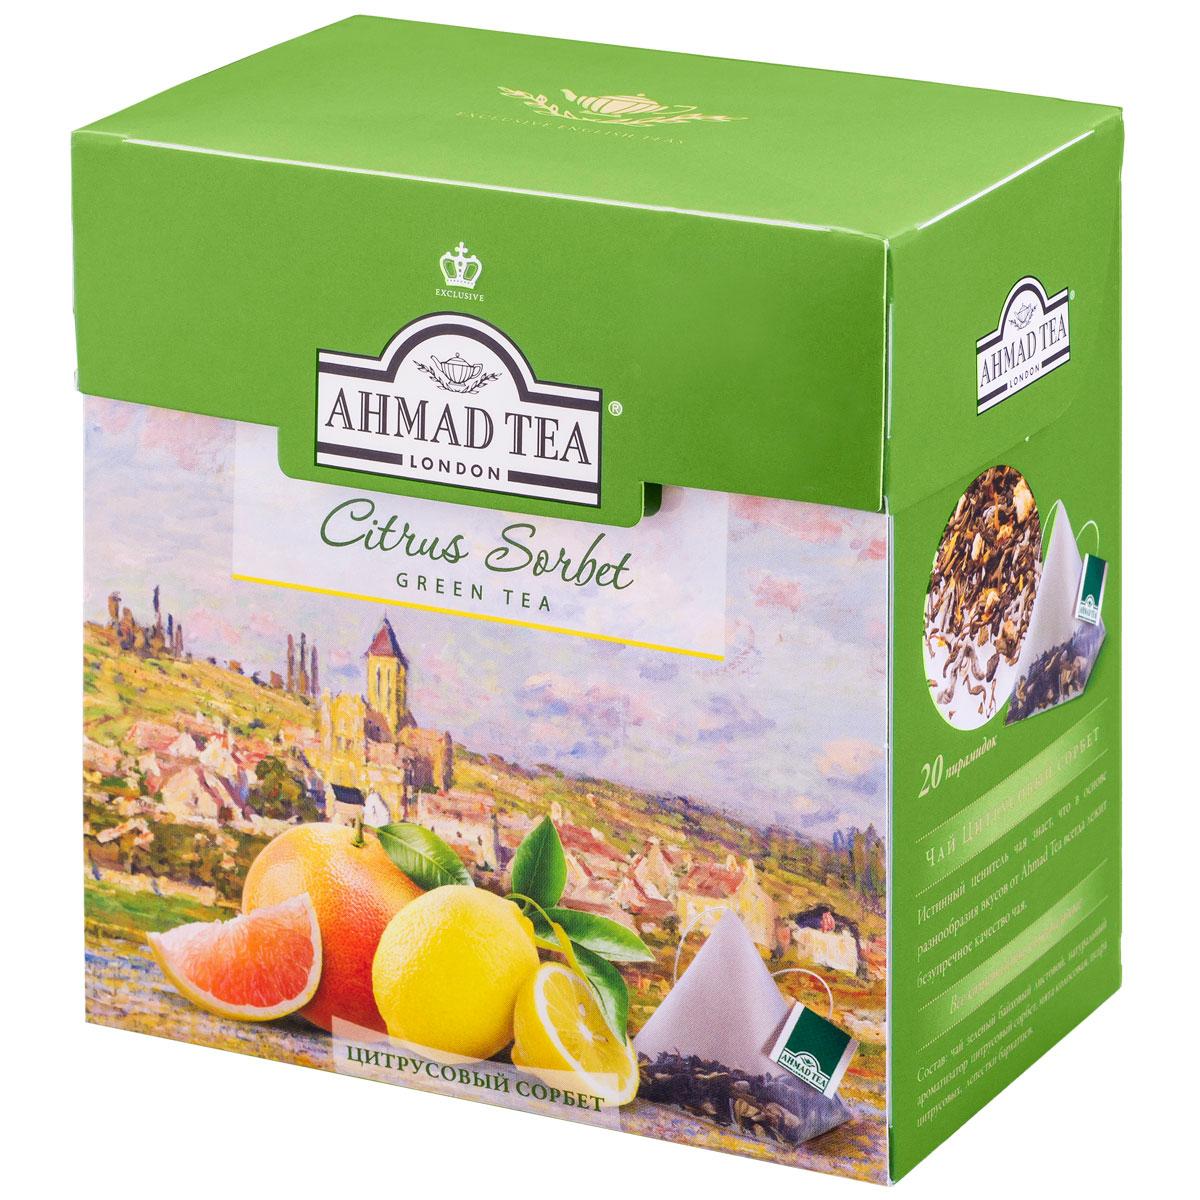 Ahmad Tea Citrus Sorbet зеленый чай в пирамидках, 20 шт1239Ahmad Tea Citrus Sorbet - изысканный, сложный букет, в котором вкус утонченного зеленого чая становится особенно выразителен в обрамлении грейпфрутовых и лимонно-мятных нот.Заваривать 4-6 минут, температура воды 90°.